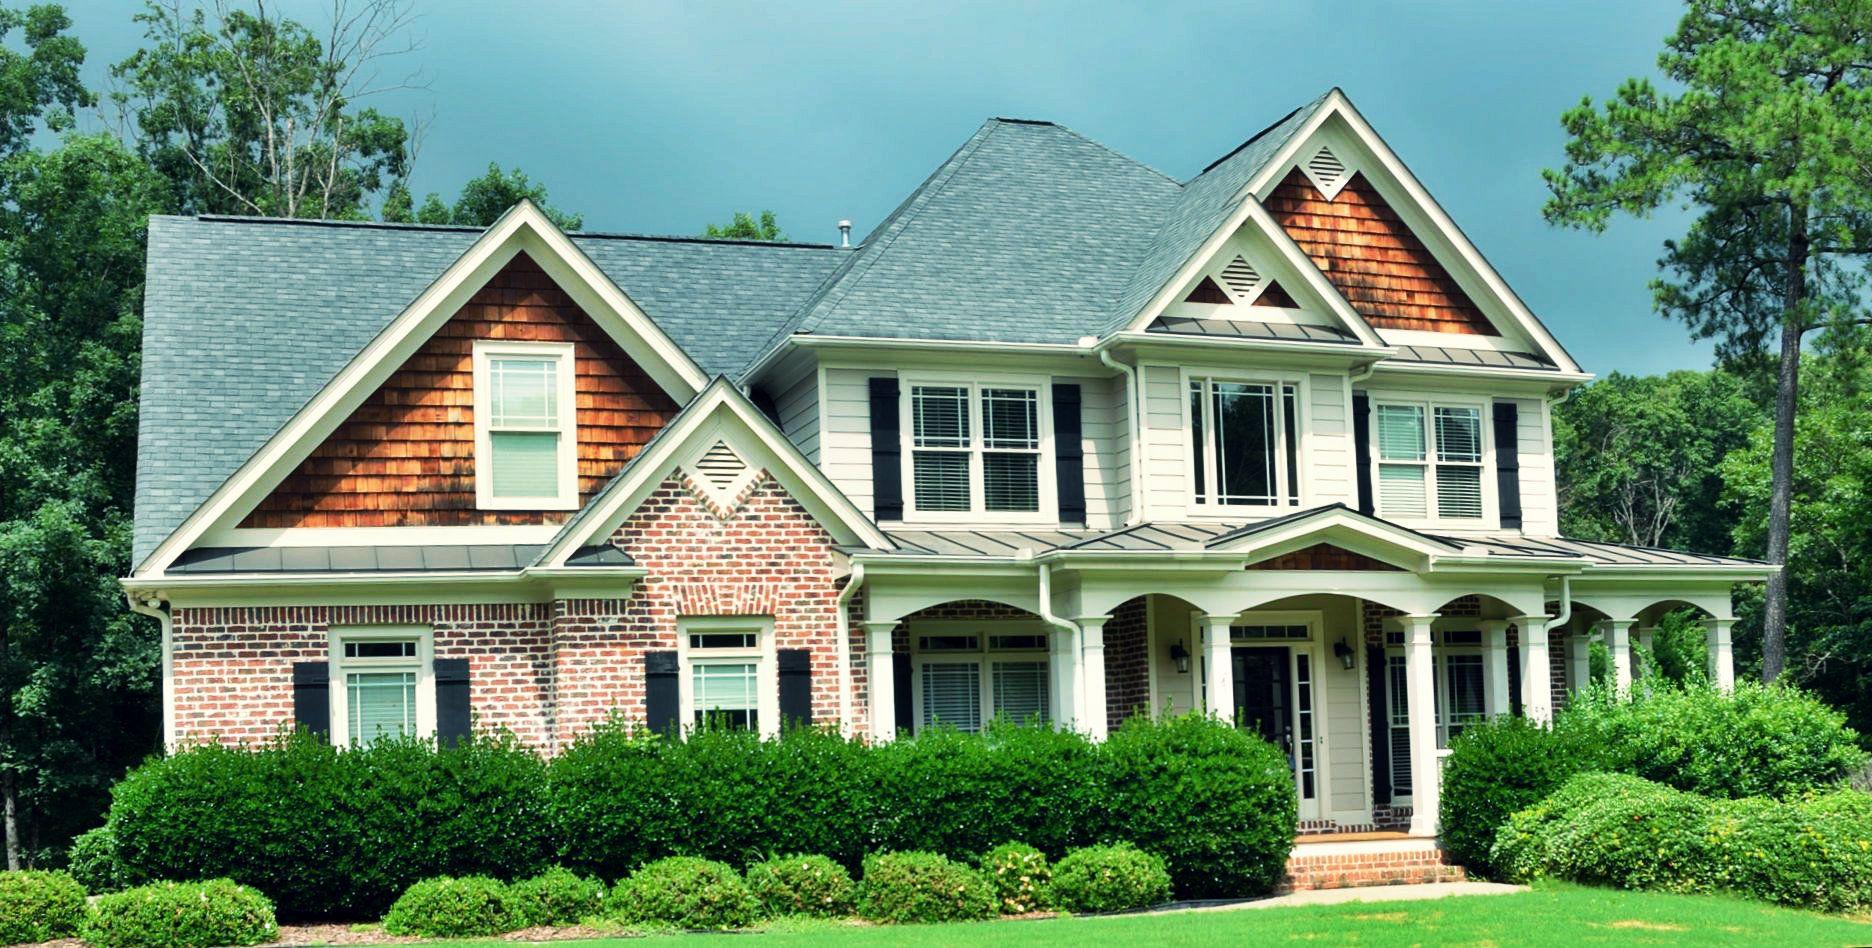 Kreditaufnahme beim Hauskauf – Was gibt es zu beachten?